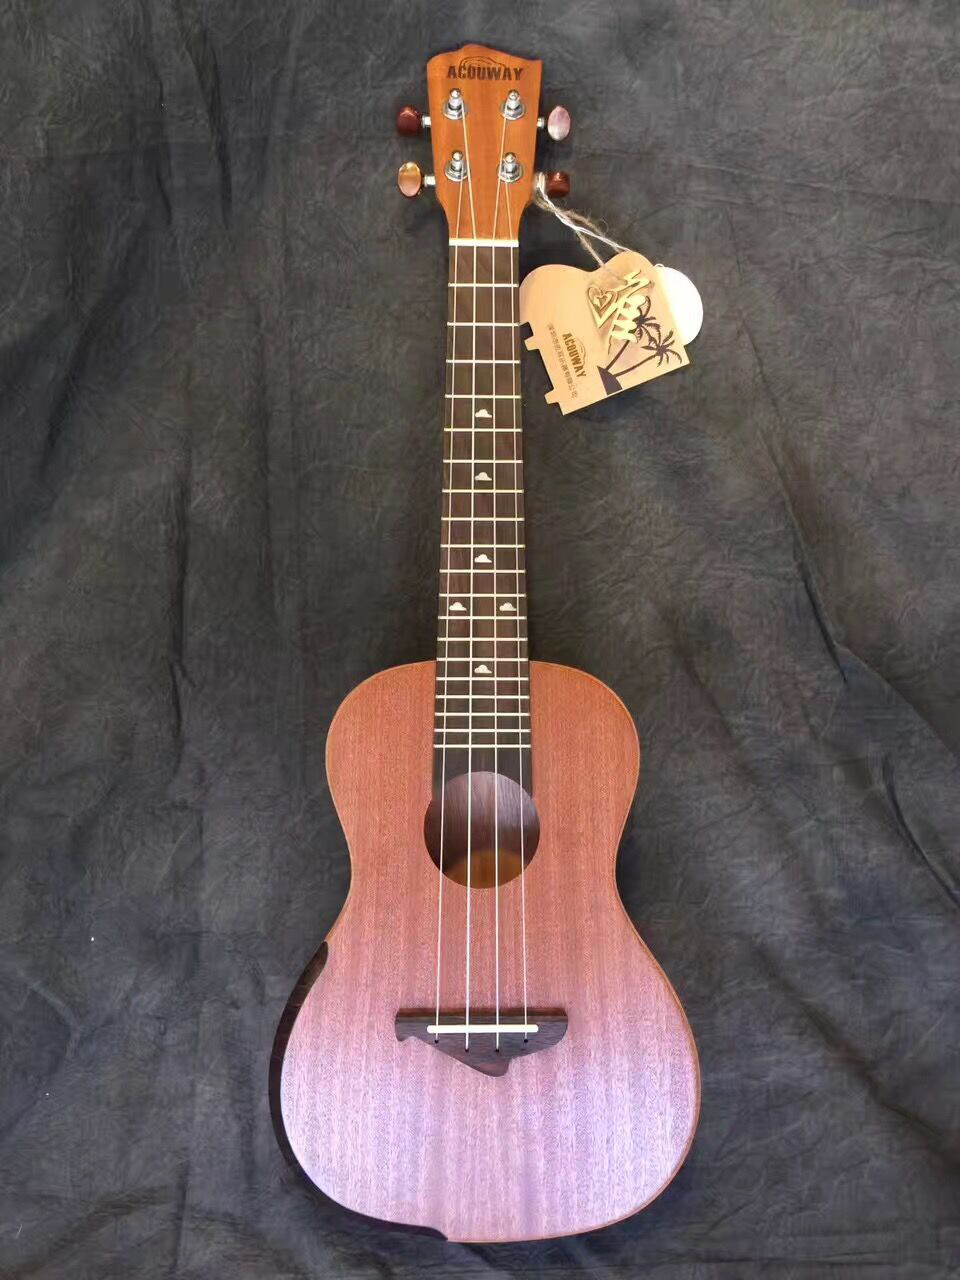 цена на Acouway Ukulele Soprano Concert Ukulele 21 23 inch Sapeli wood uku Ukelele Hawaii guitar Stringed Musical Instrument